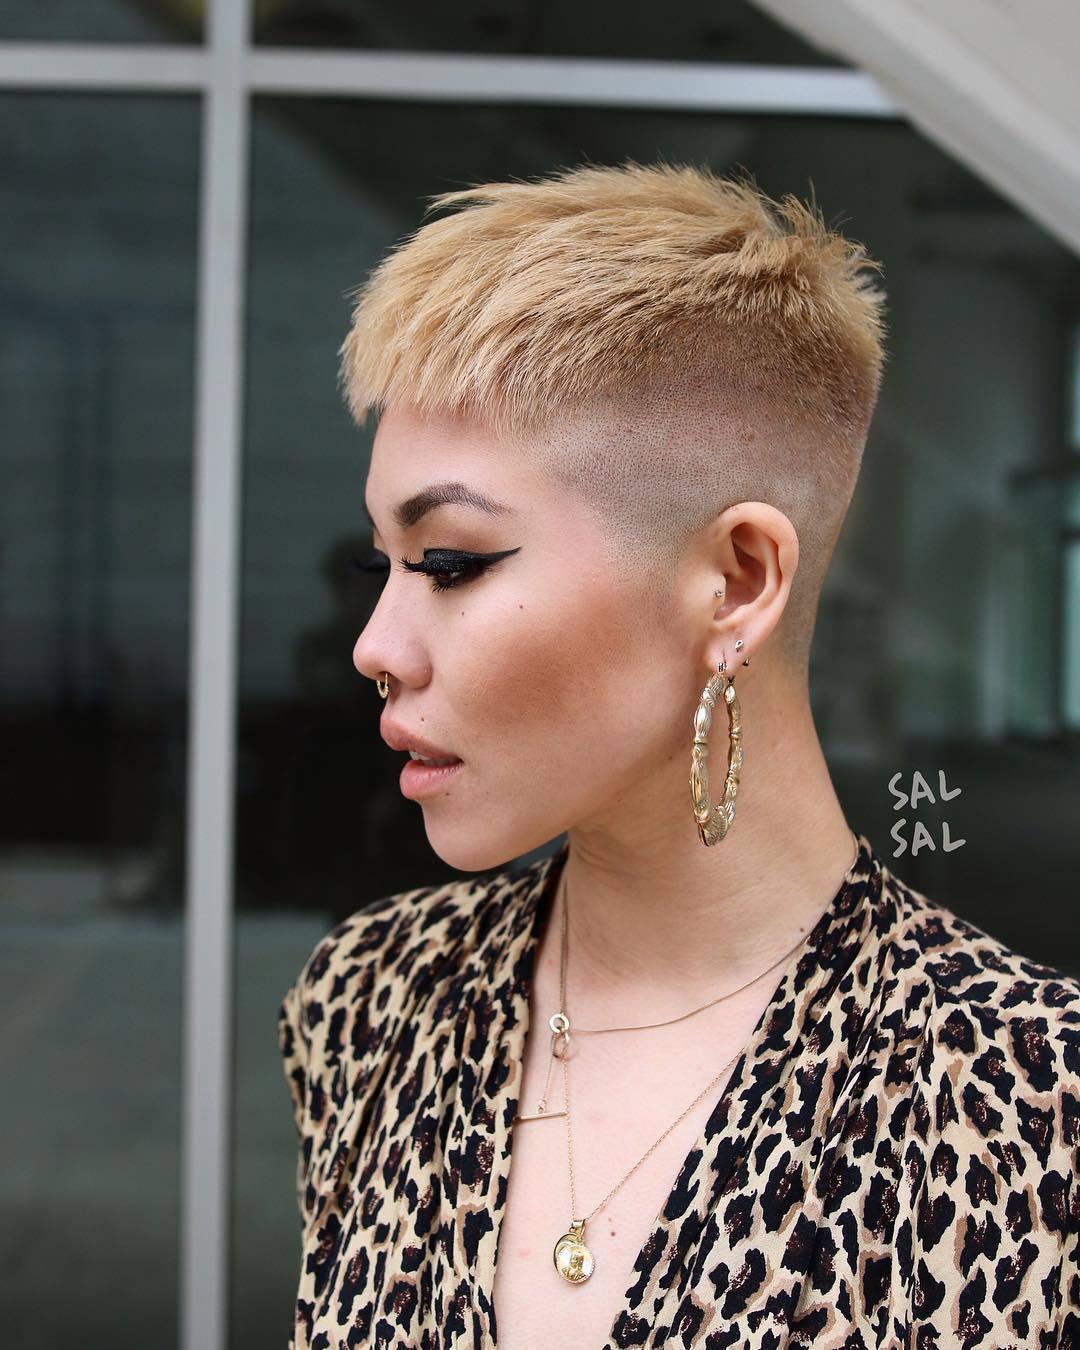 femme avec une coupe de lutin blond rasé